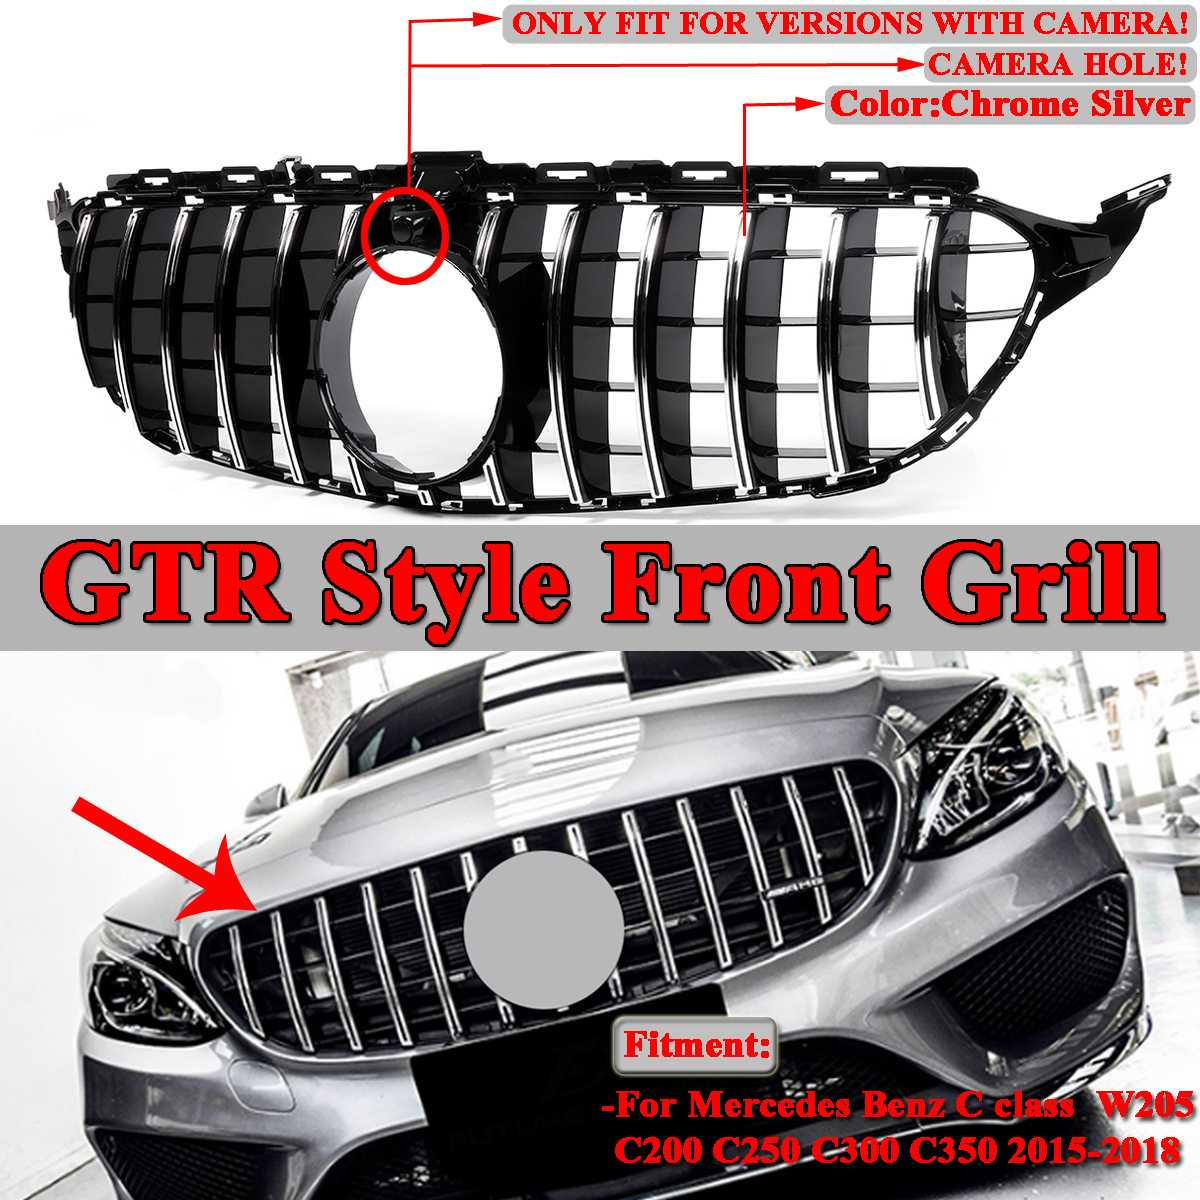 W205 GTR GT R stil araba ön izgara izgarası siyah/krom gümüş için Benz için Mercedes için W205 C200 C250 c300 C350 2015-2018 2Dr/4Dr